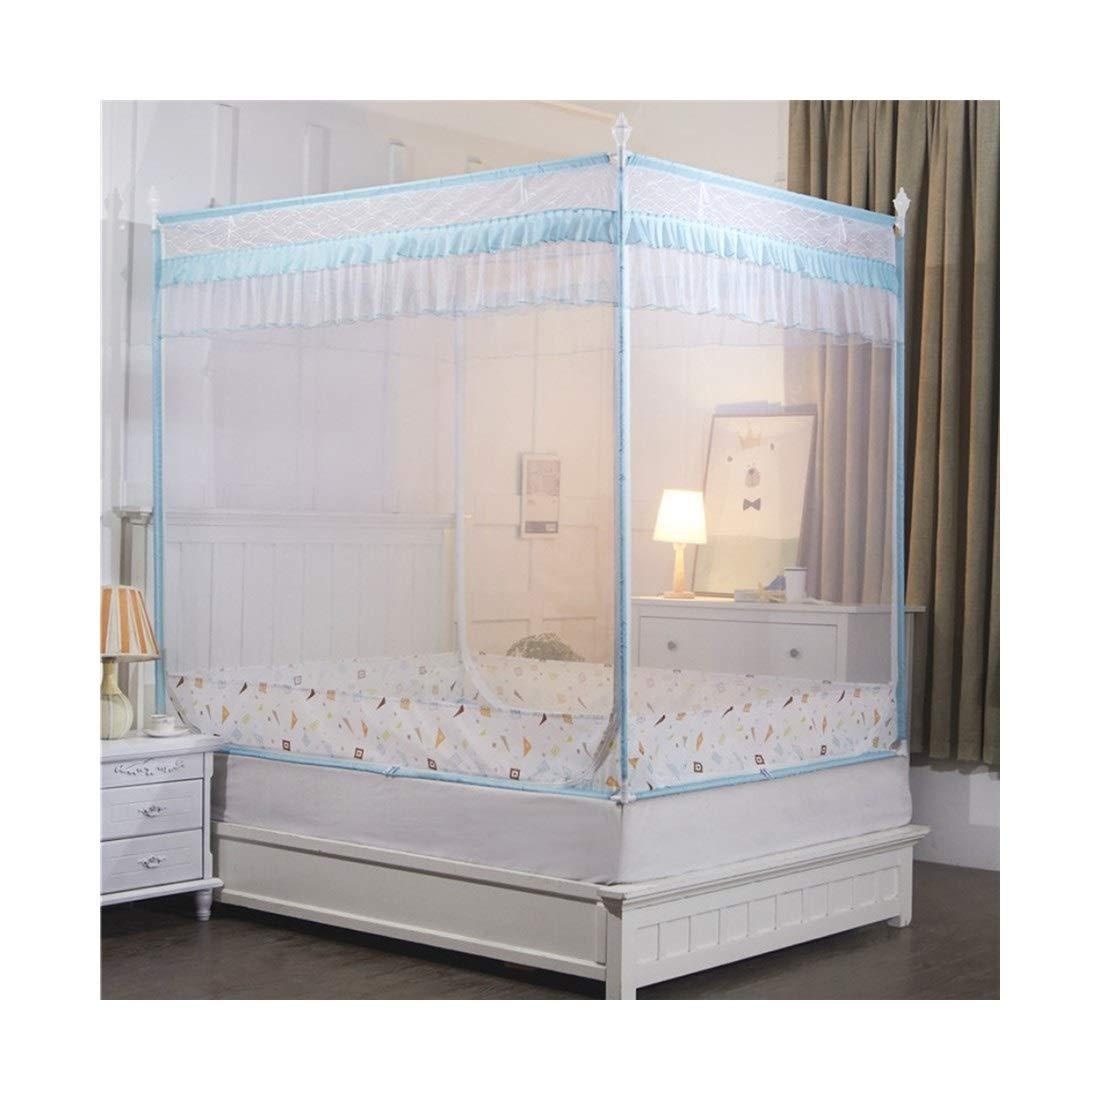 方朝日スポーツ用品店 蚊帳大きなスペースベッドを戻すトップジップを戻すにはベッド1.8 * 2.2mは寝室に適して (色 : 青, サイズ : 180*200CM) B07SLHV69H 青 180*200CM